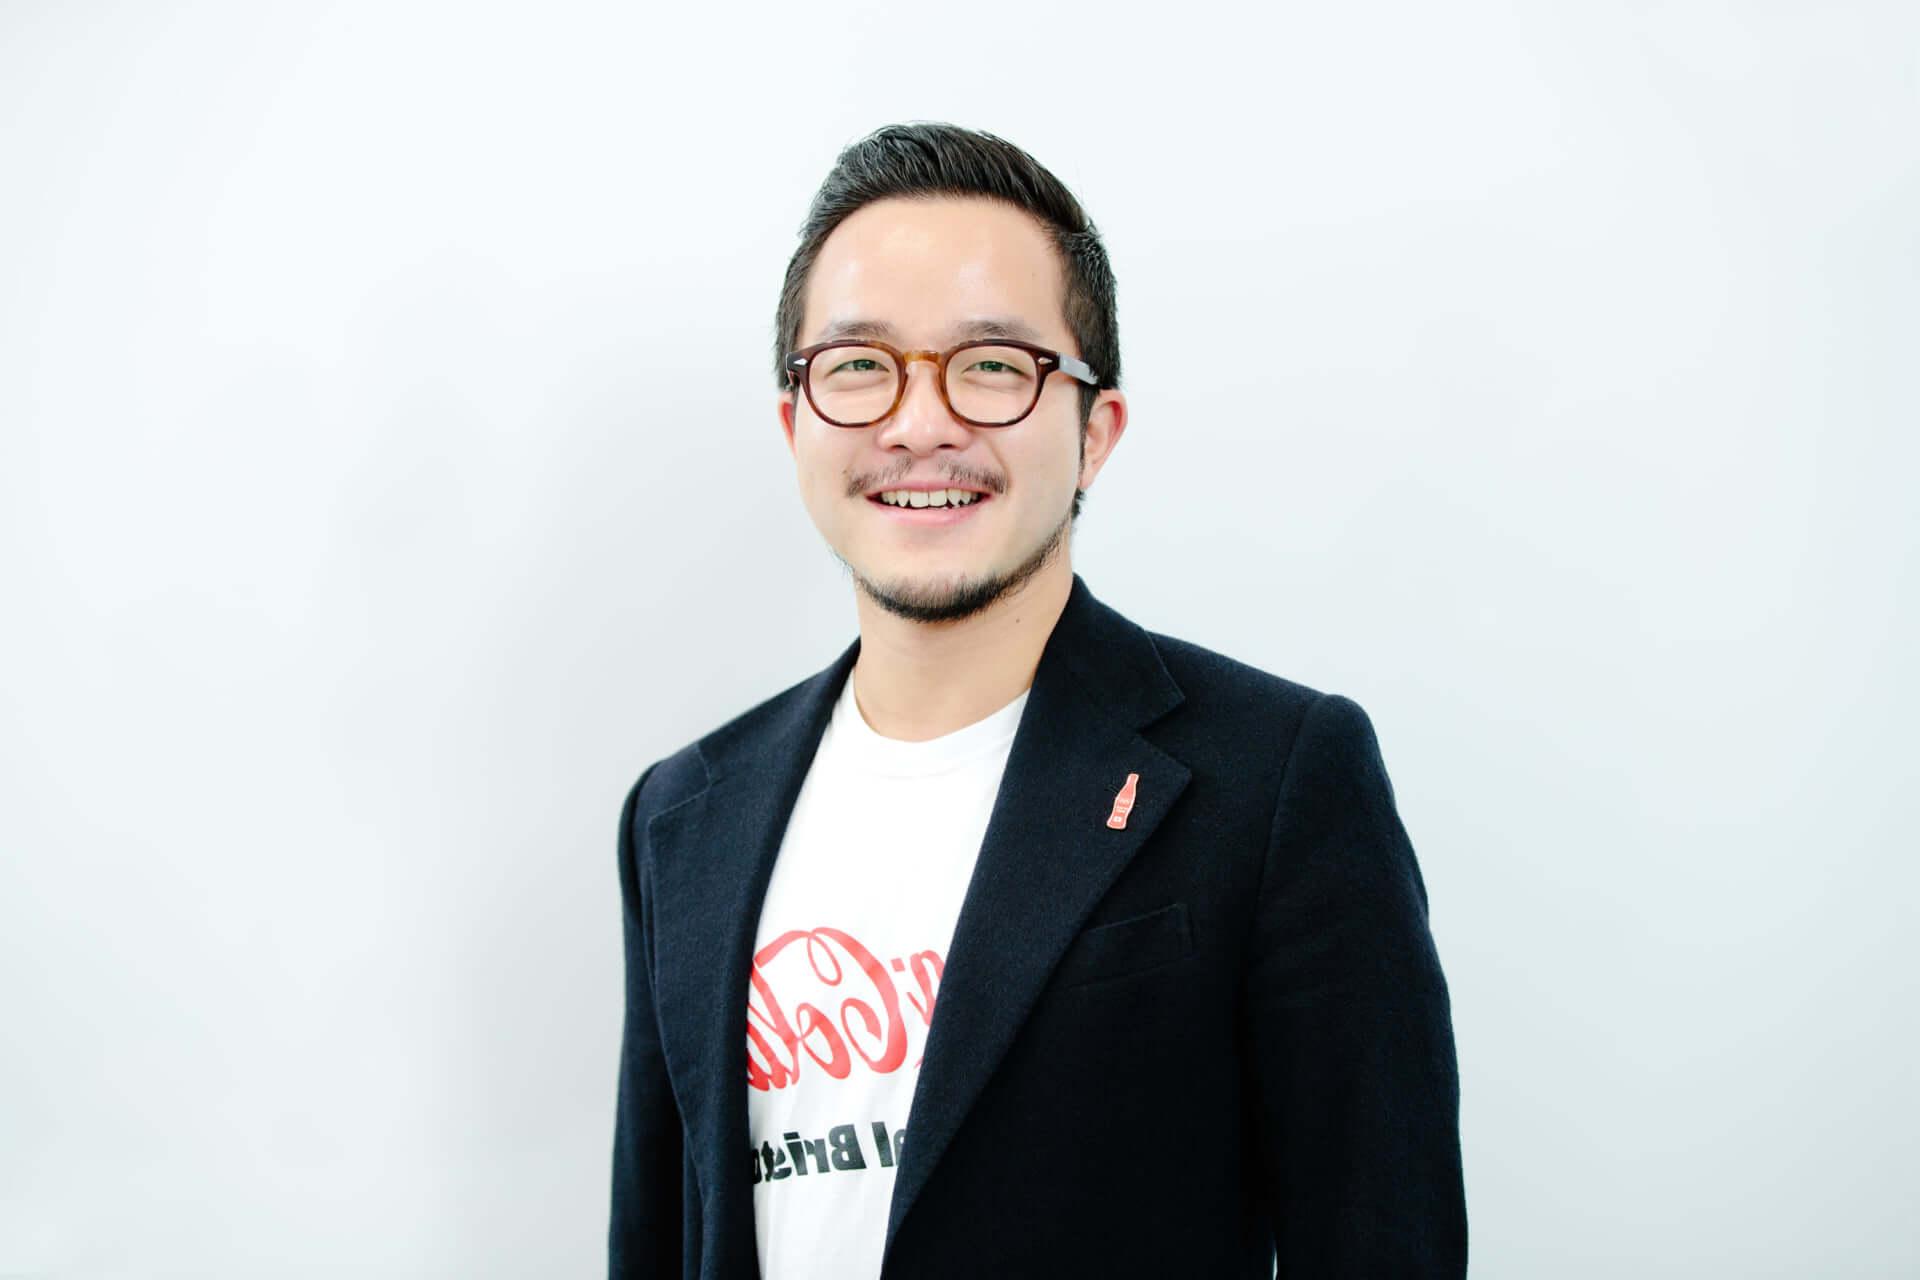 VERDYデザインのオリジナルピンから紐解く、コカ・コーラ社が東京2020オリンピックに込める想い interview-cocacola-verdy-10-1920x1280